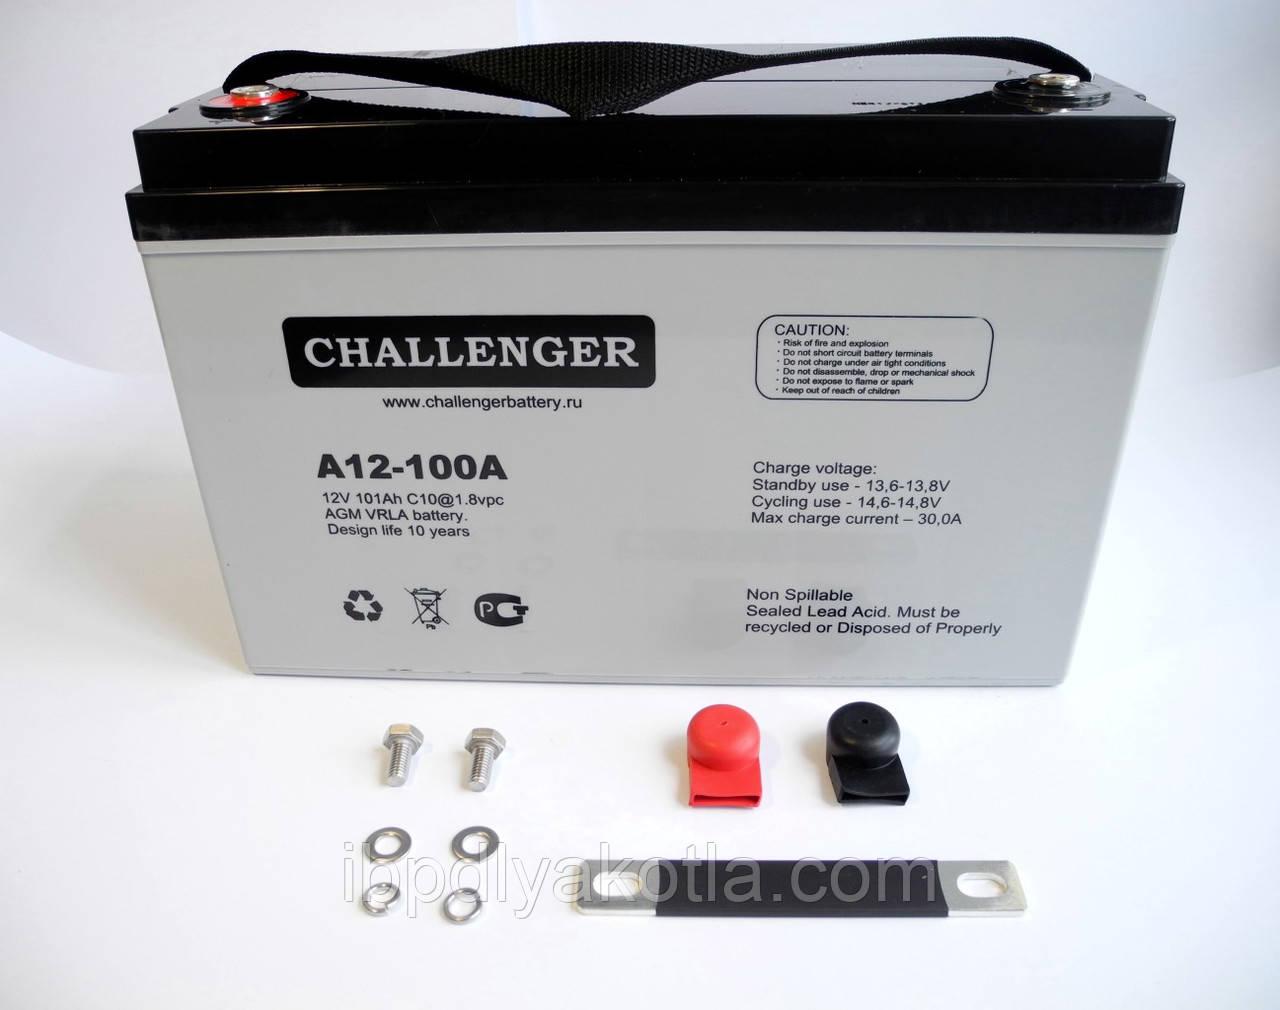 Аккумулятор мультигелевый Challenger A12-100A 12V 100AH, (AGM) для ИБП